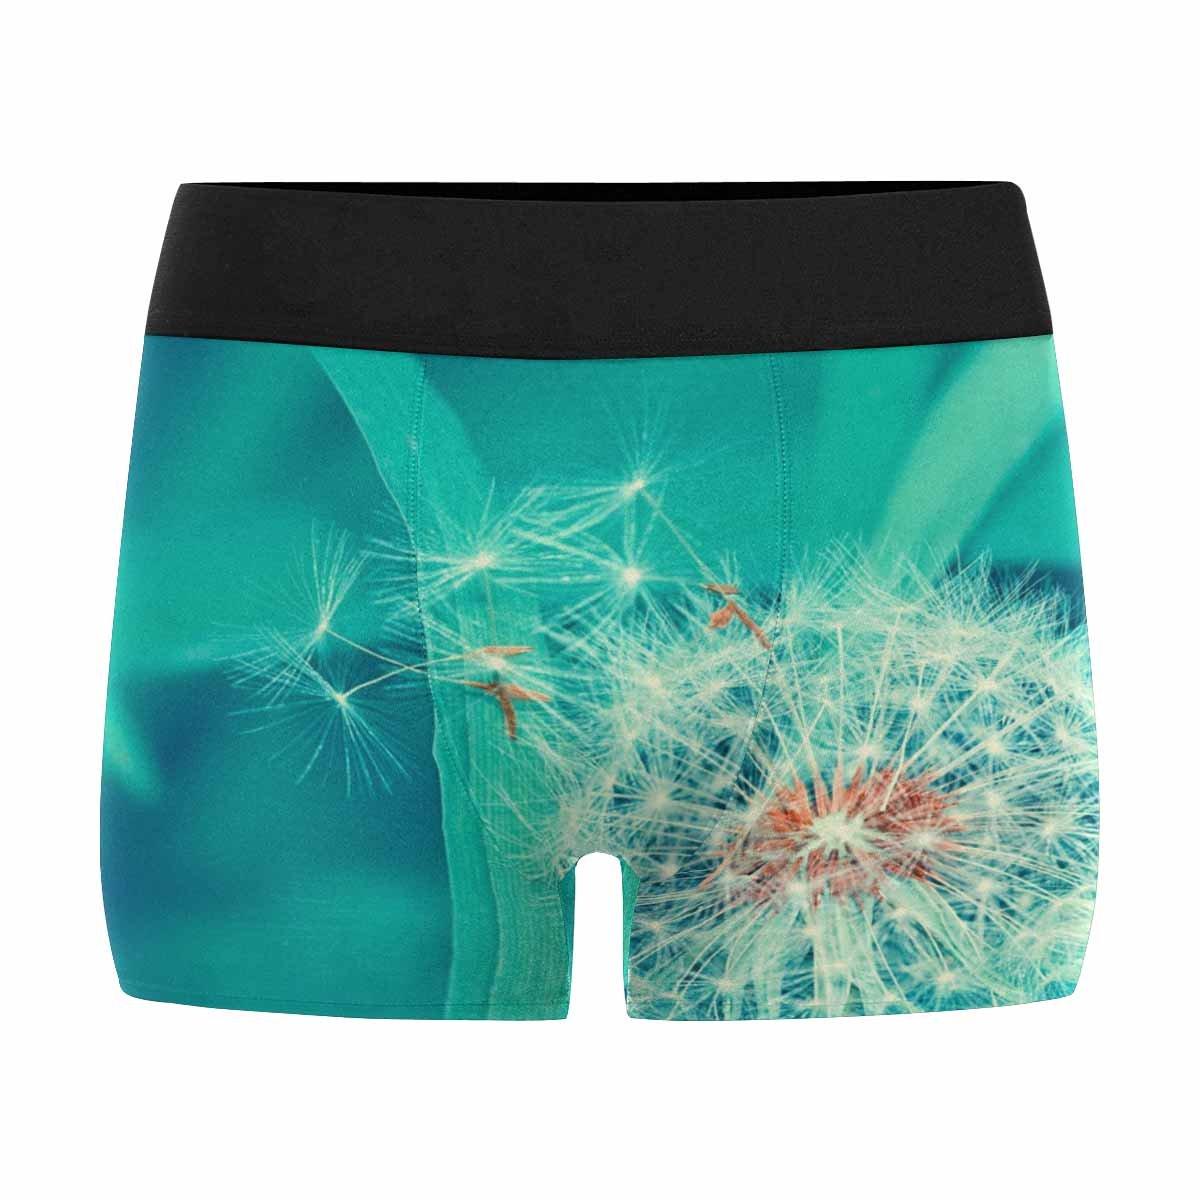 INTERESTPRINT Mens Boxer Briefs Underwear Dandelion XS-3XL